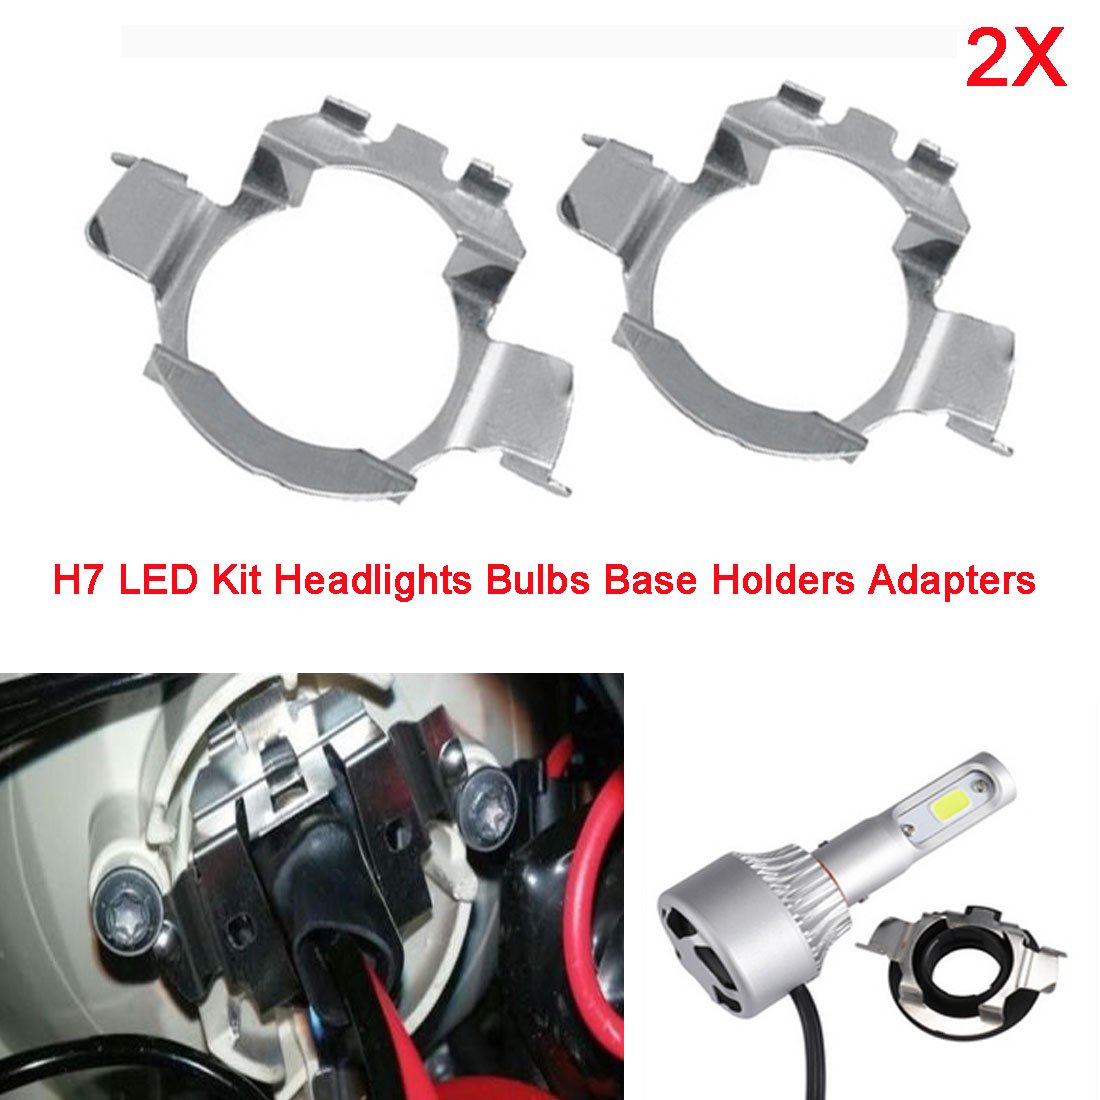 Adaptateurs de supports base de H7 Ampoules Phares LED pour 5 Series X5 A3 A4L A6L en mé tal RGAta